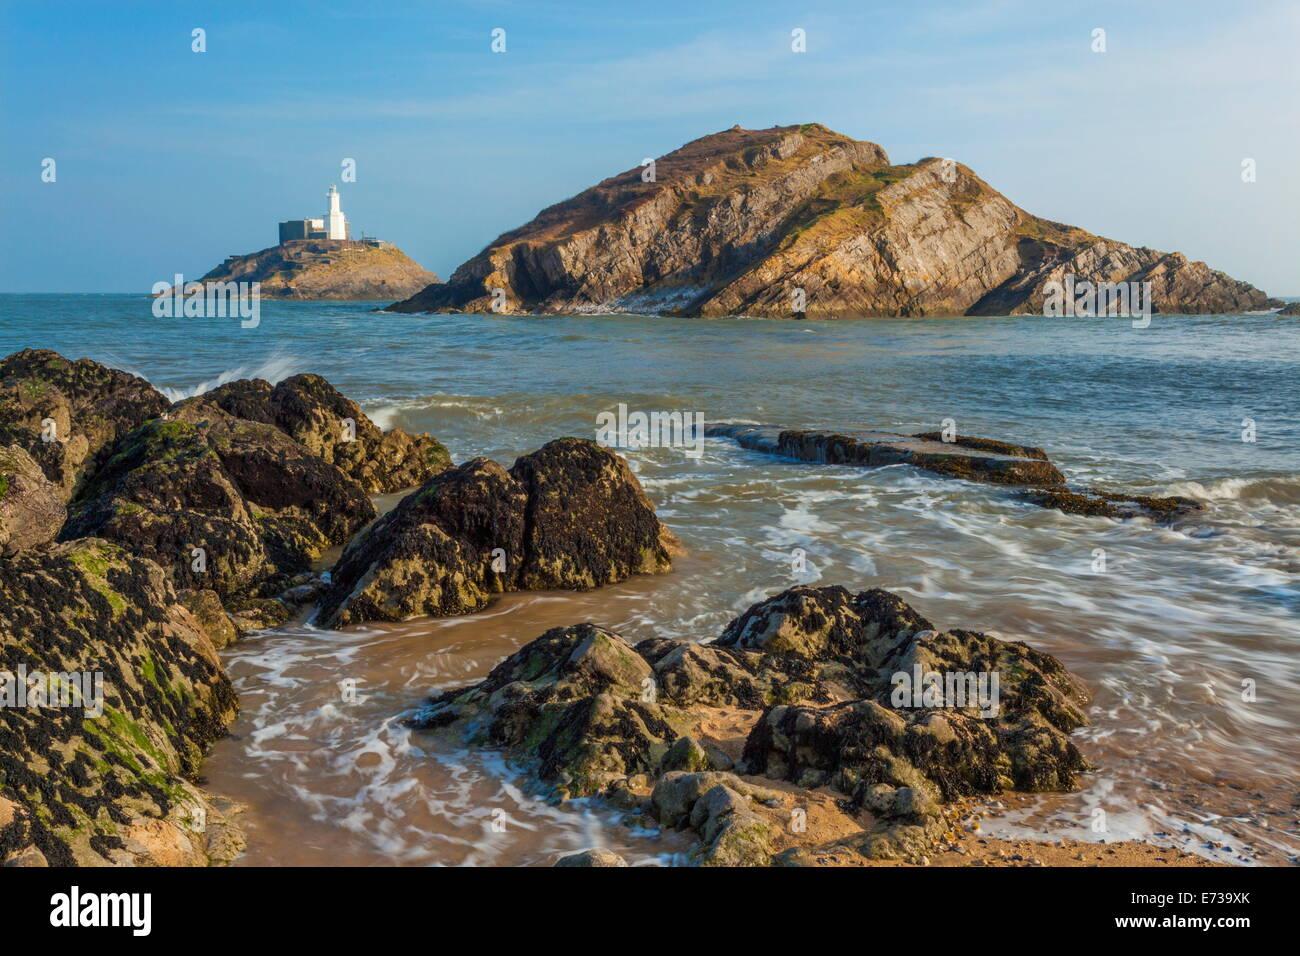 Mumbles Lighthouse, Bracelet Bay, Gower, Swansea, Wales, United Kingdom, Europe - Stock Image